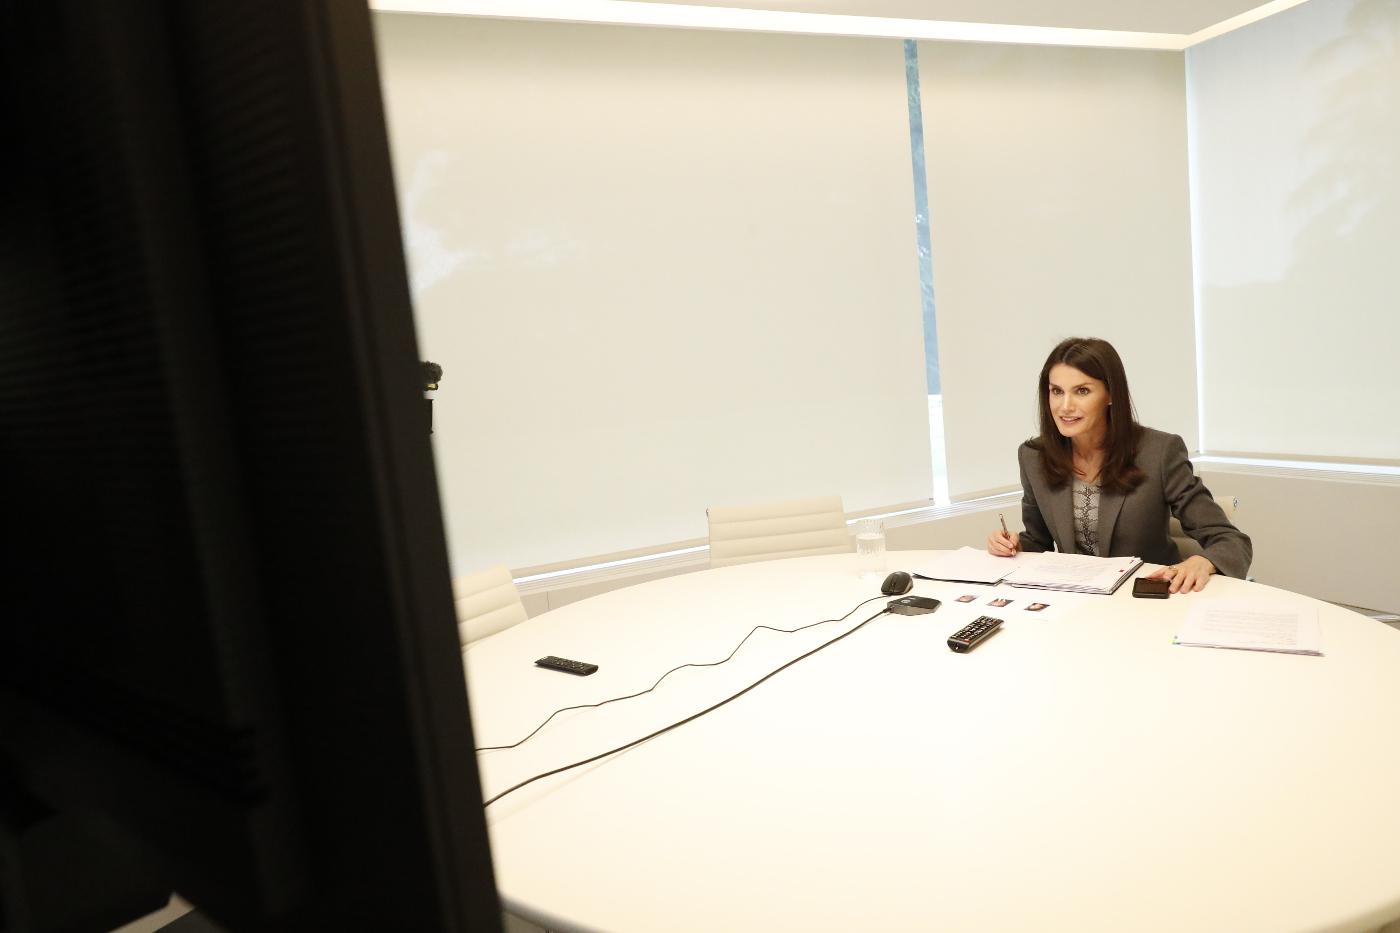 Un vídeo oficial avergüenza a Doña Letizia y sacude a la Casa Real en plena crisis del coronavirus